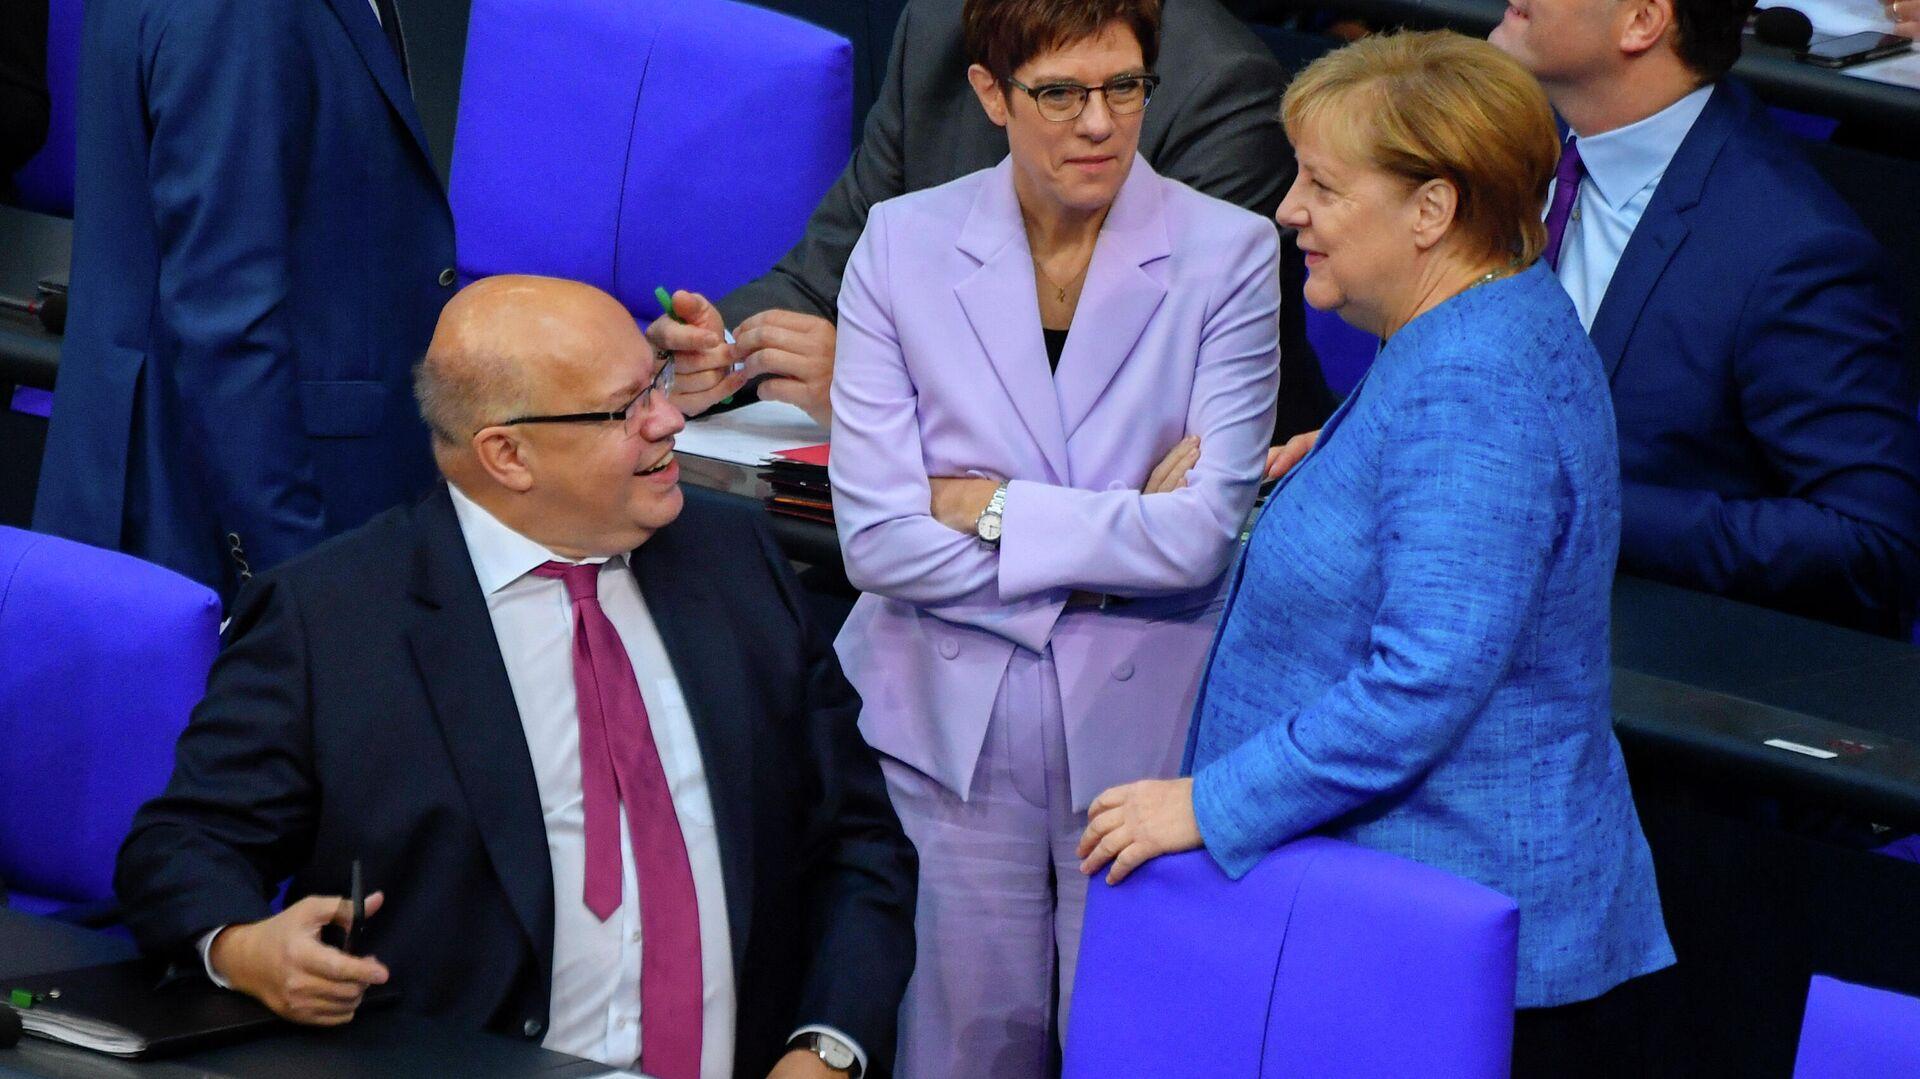 Bundeswirtschaftsminister Peter Altmaier, Verteidigungsministerin Annegret Kramp-Karrenbauer und Bundeskanzlerin Angela Merkel  - SNA, 1920, 09.10.2021